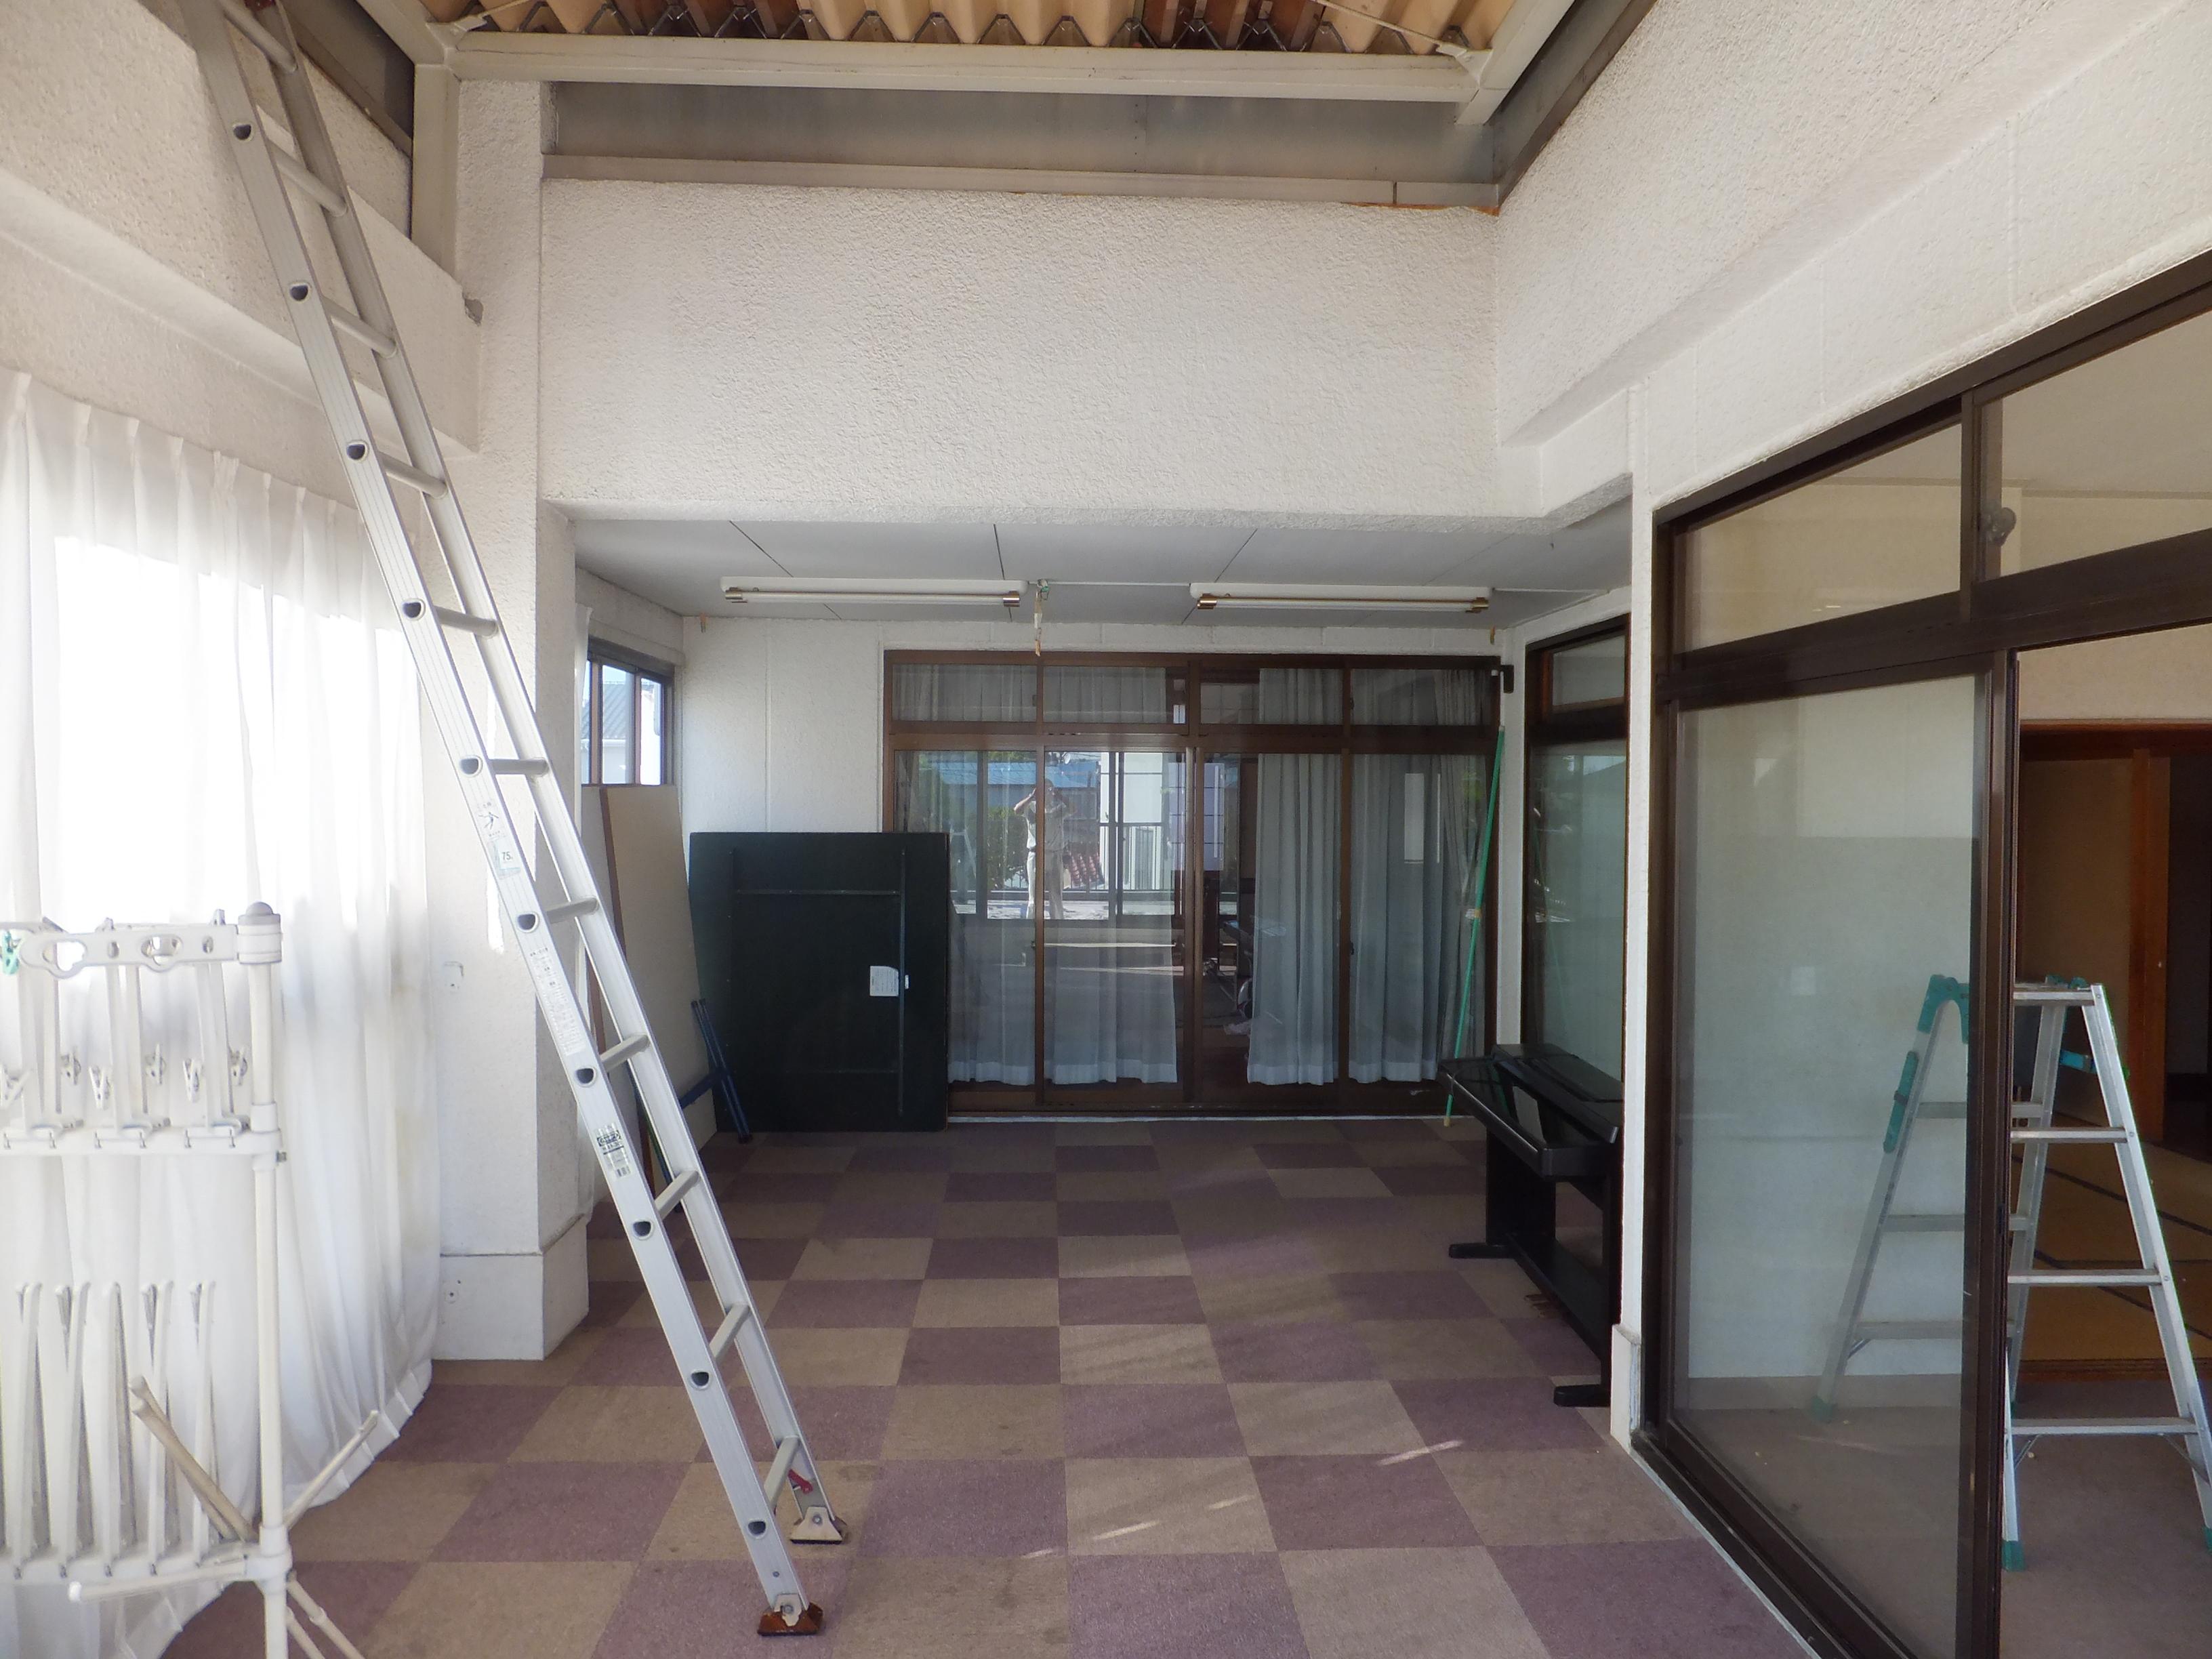 内部のような、外部のような・・・用途が曖昧な空間。<br /> 新築当時は屋根や囲いもないベランダでした。